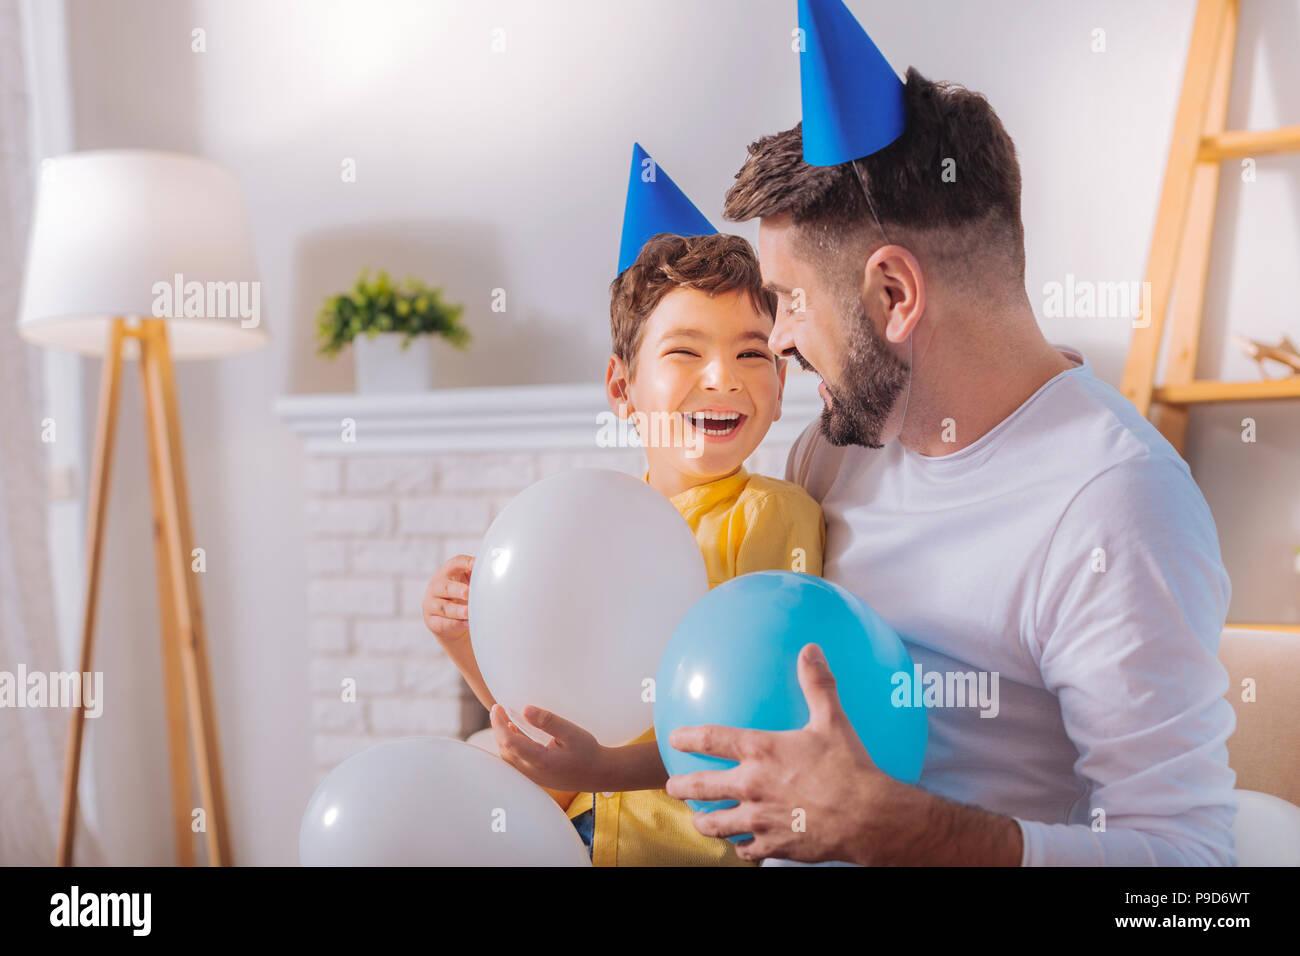 Glückliches Kind in Geburtstagsfeier Stockfoto